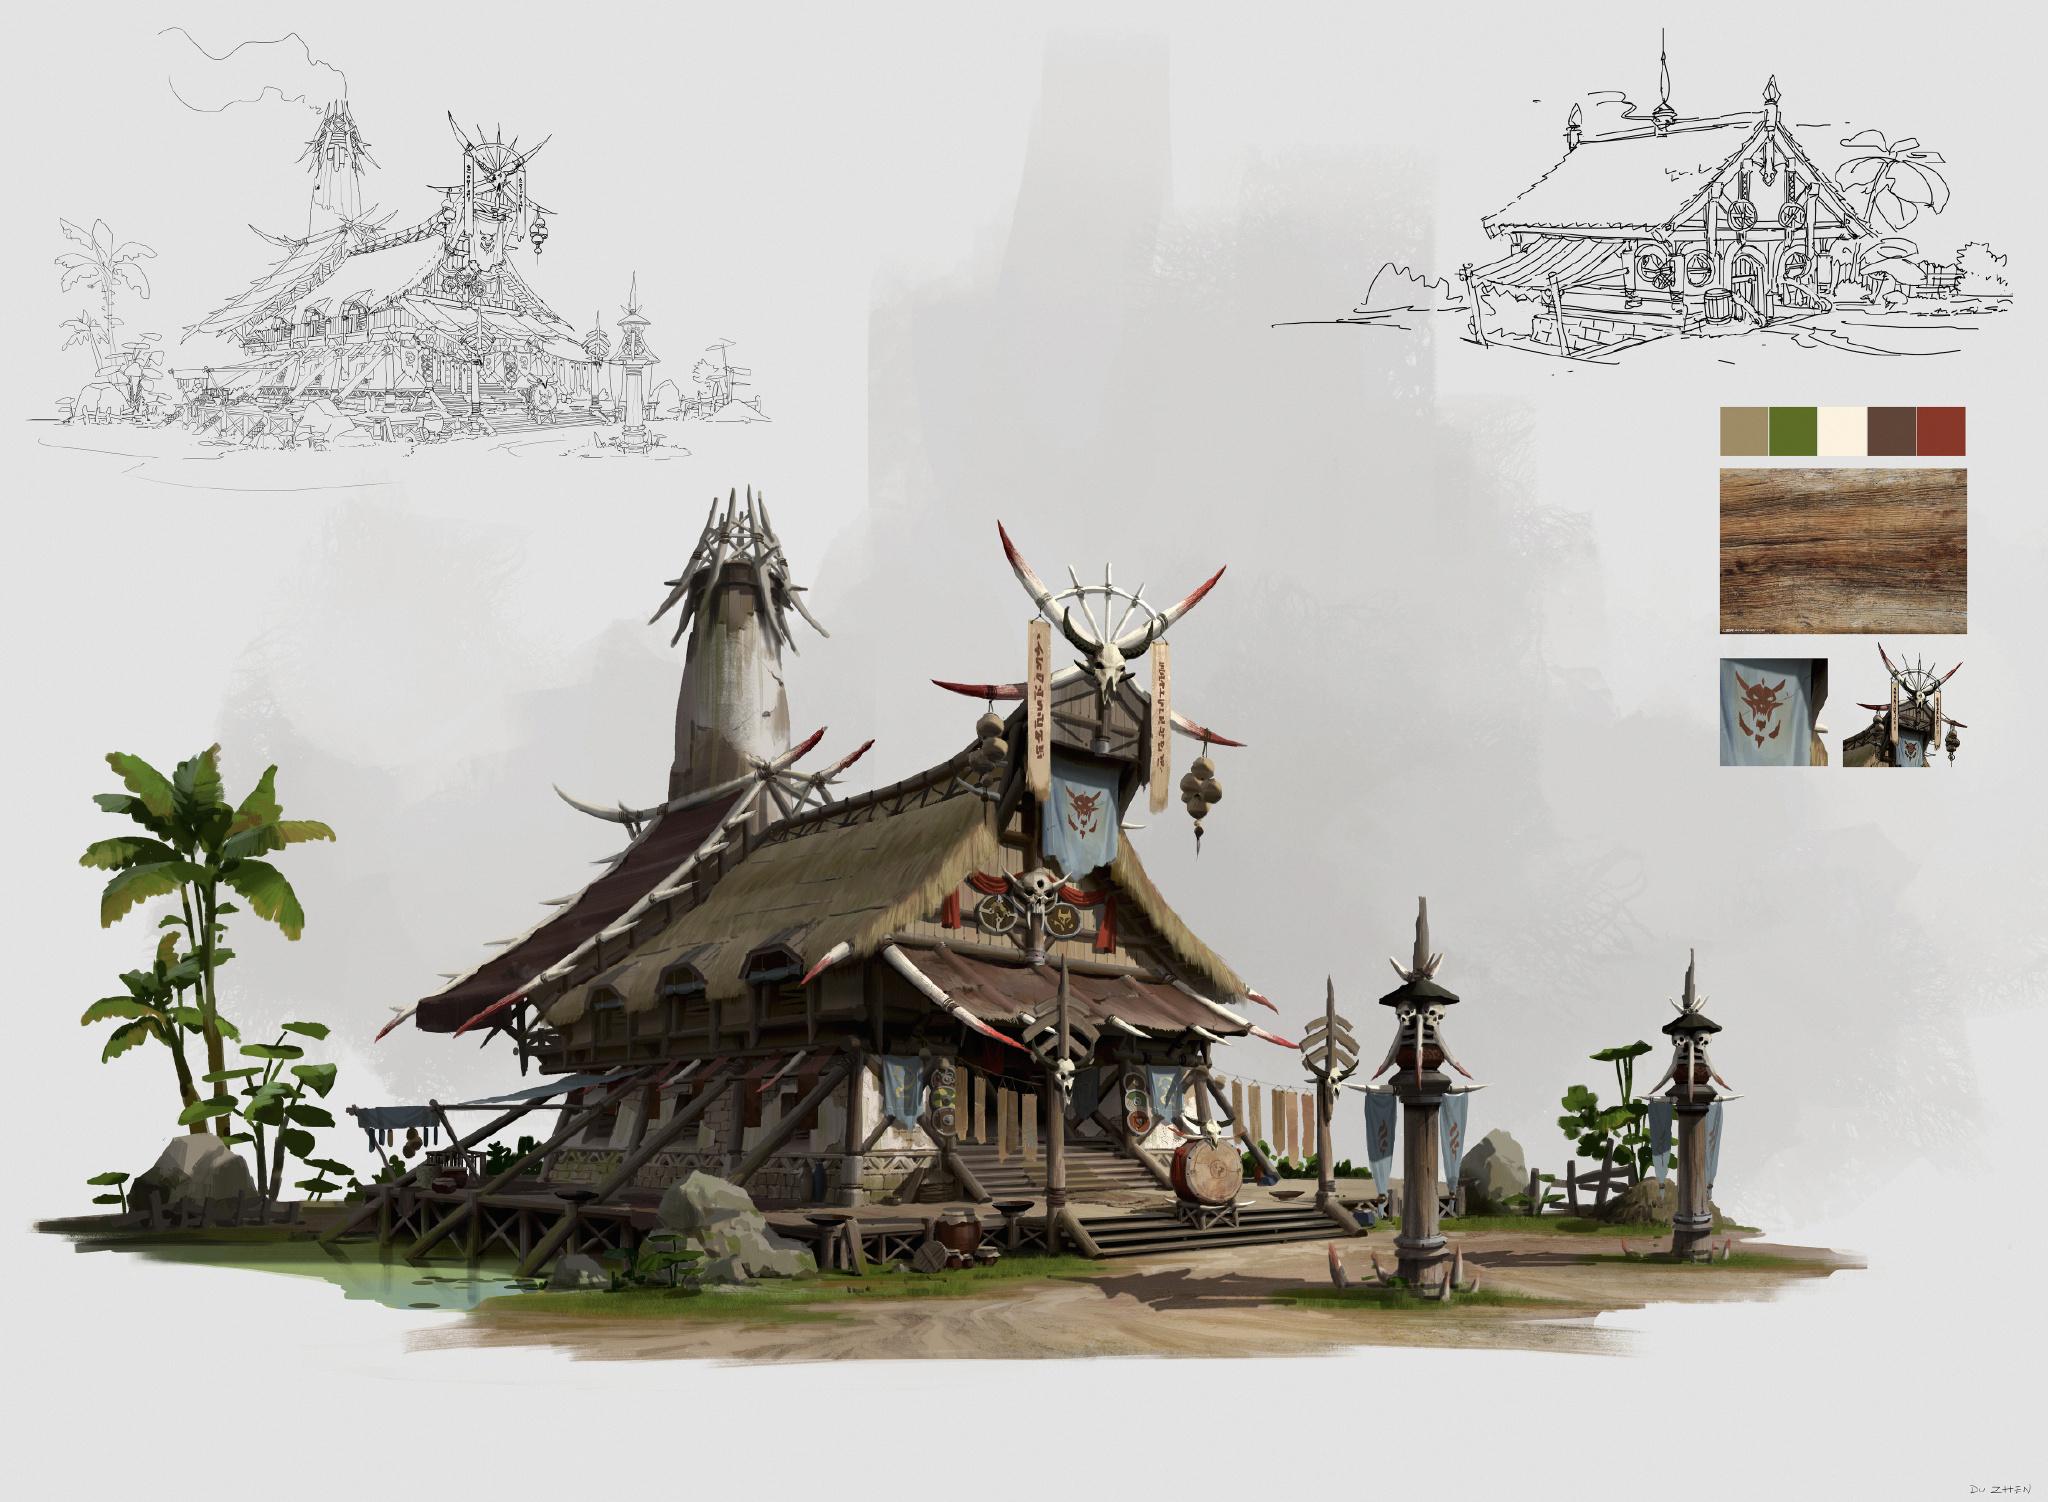 游戏原画场景设计 部落建筑详细过程图2